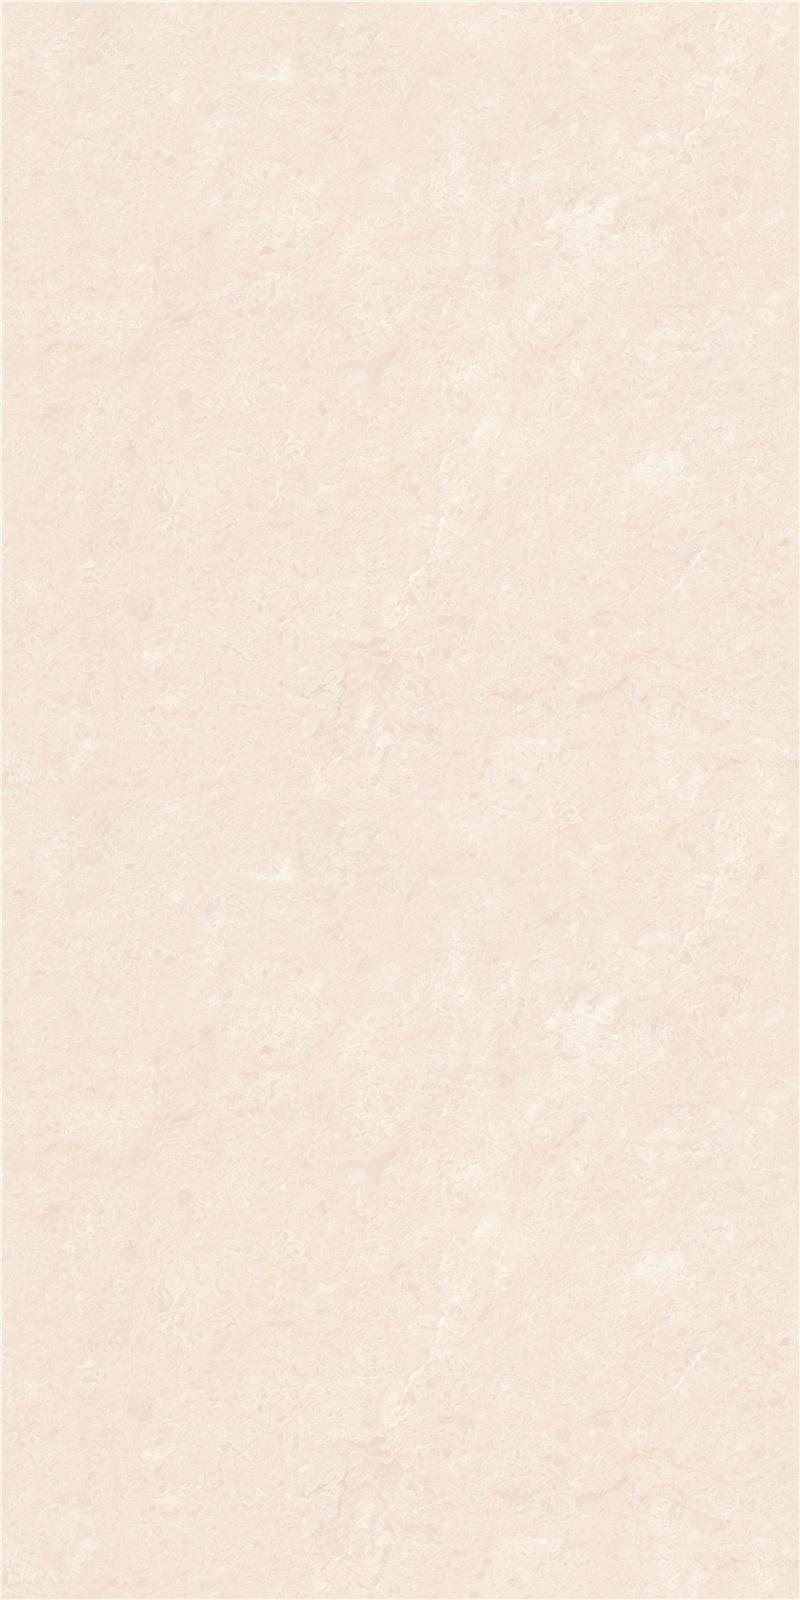 HPG157203阿曼米黄